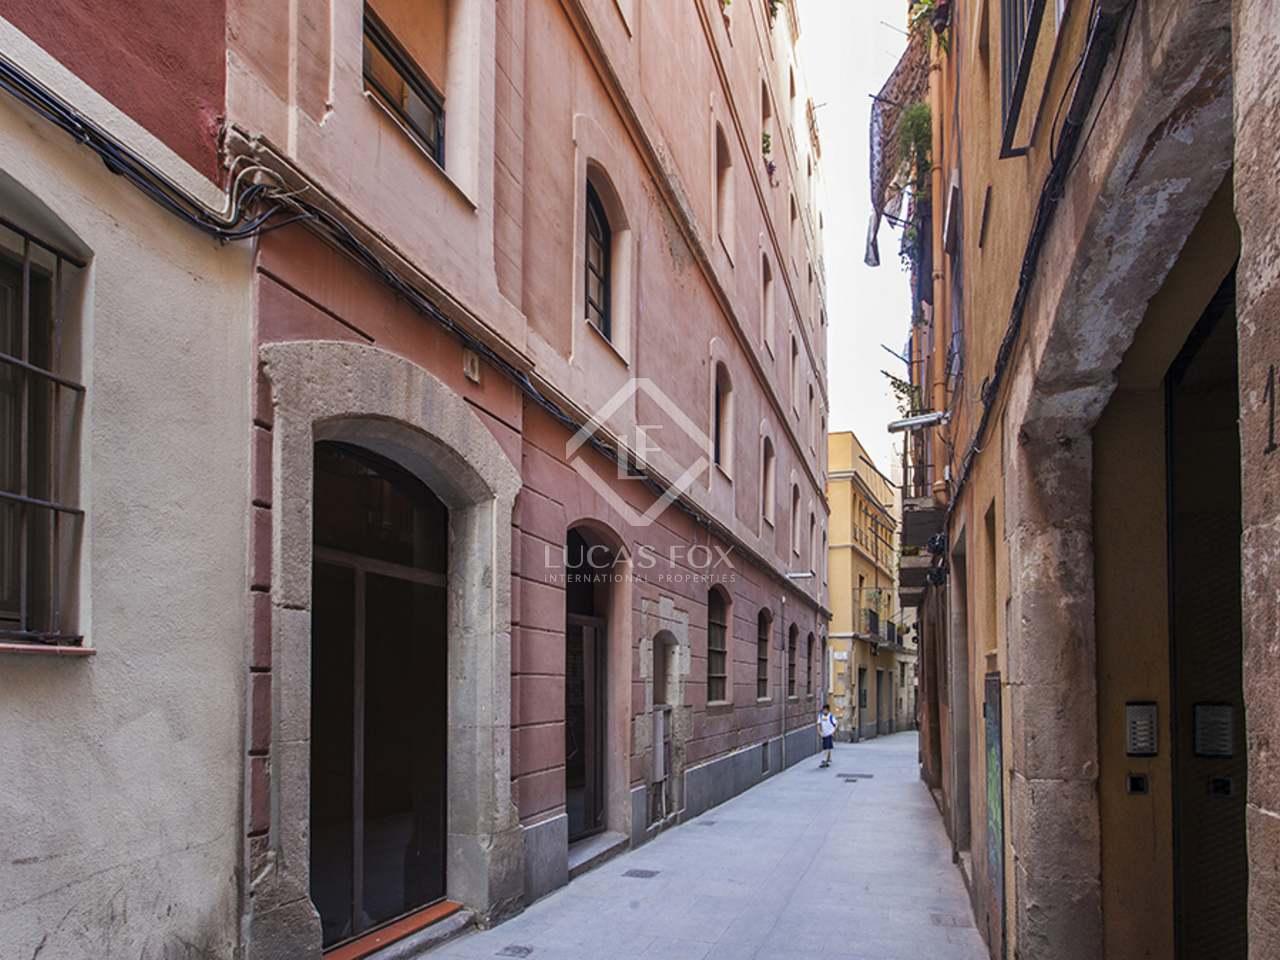 Excelente tico en venta en el casco antiguo de barcelona - Casco antiguo de barcelona ...